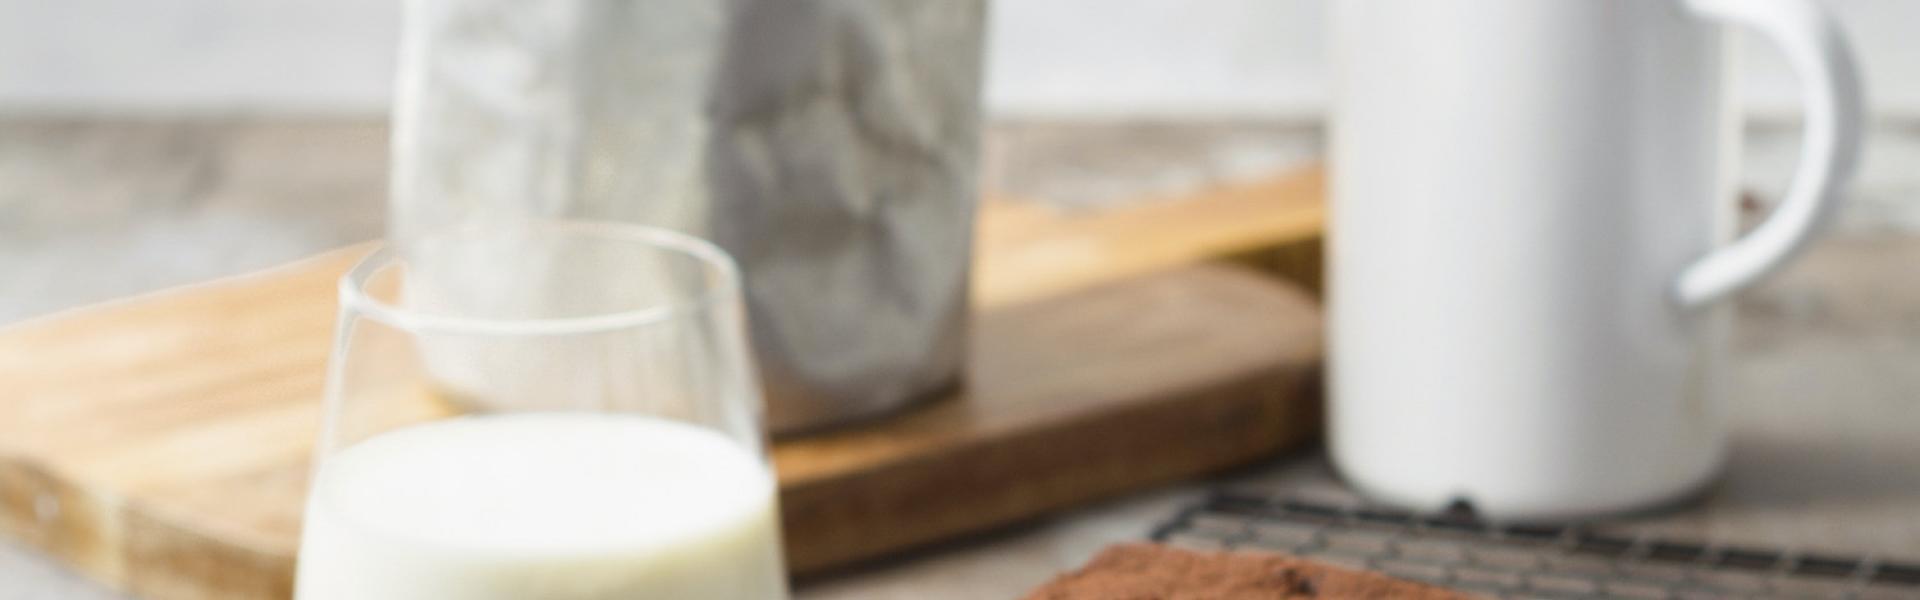 Low Carb Milchschnitte auf einem Stück Backpapier auf einem Kuchengitter.